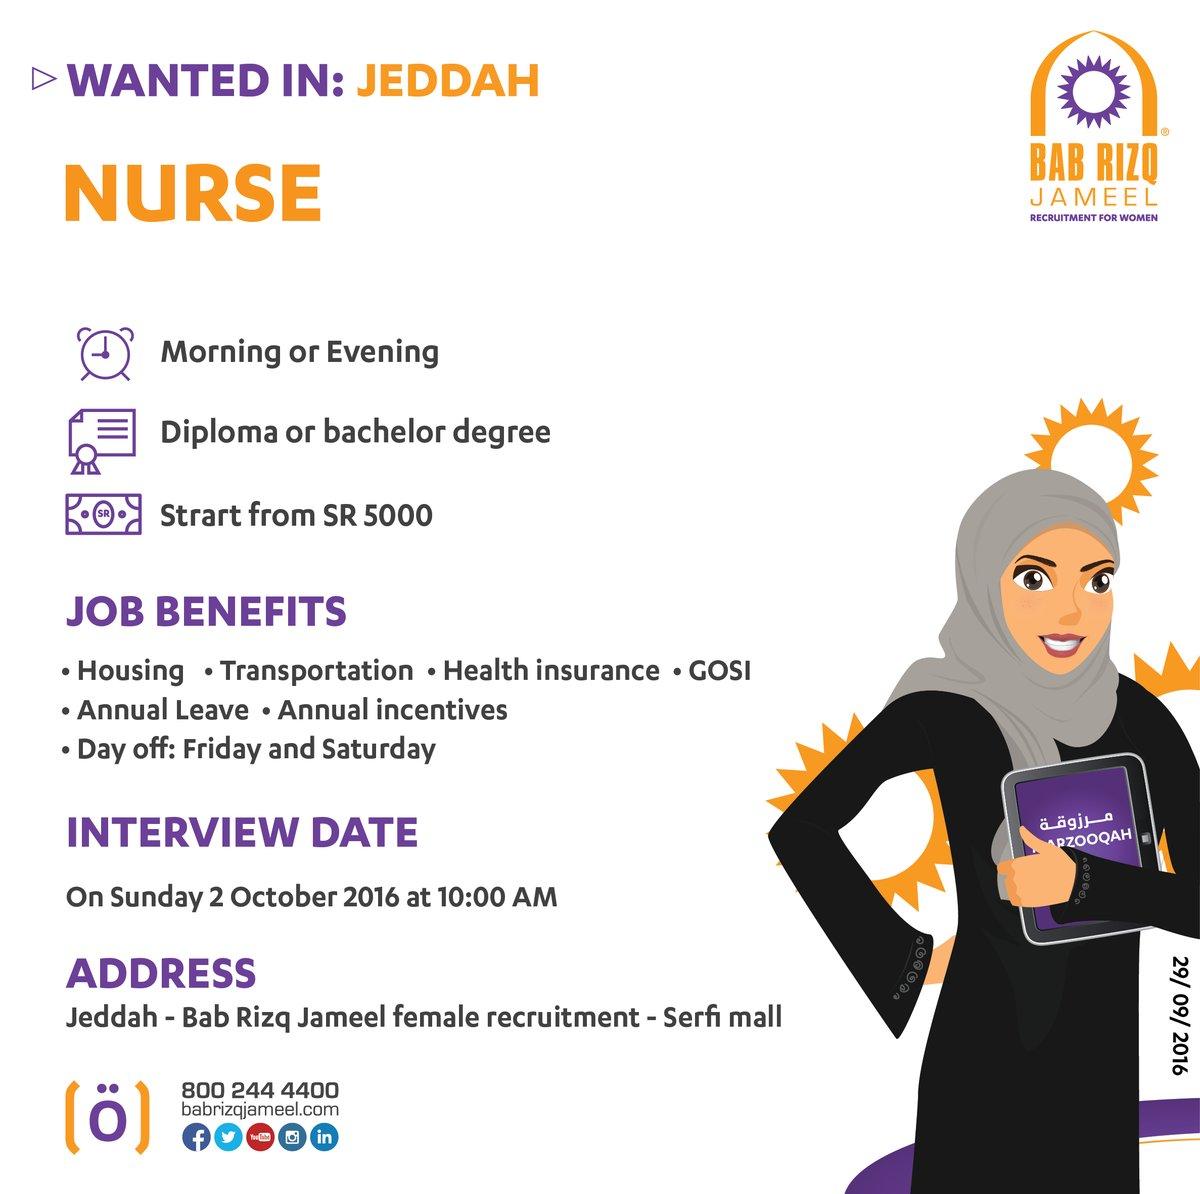 مطلوب ممرضة - جدة